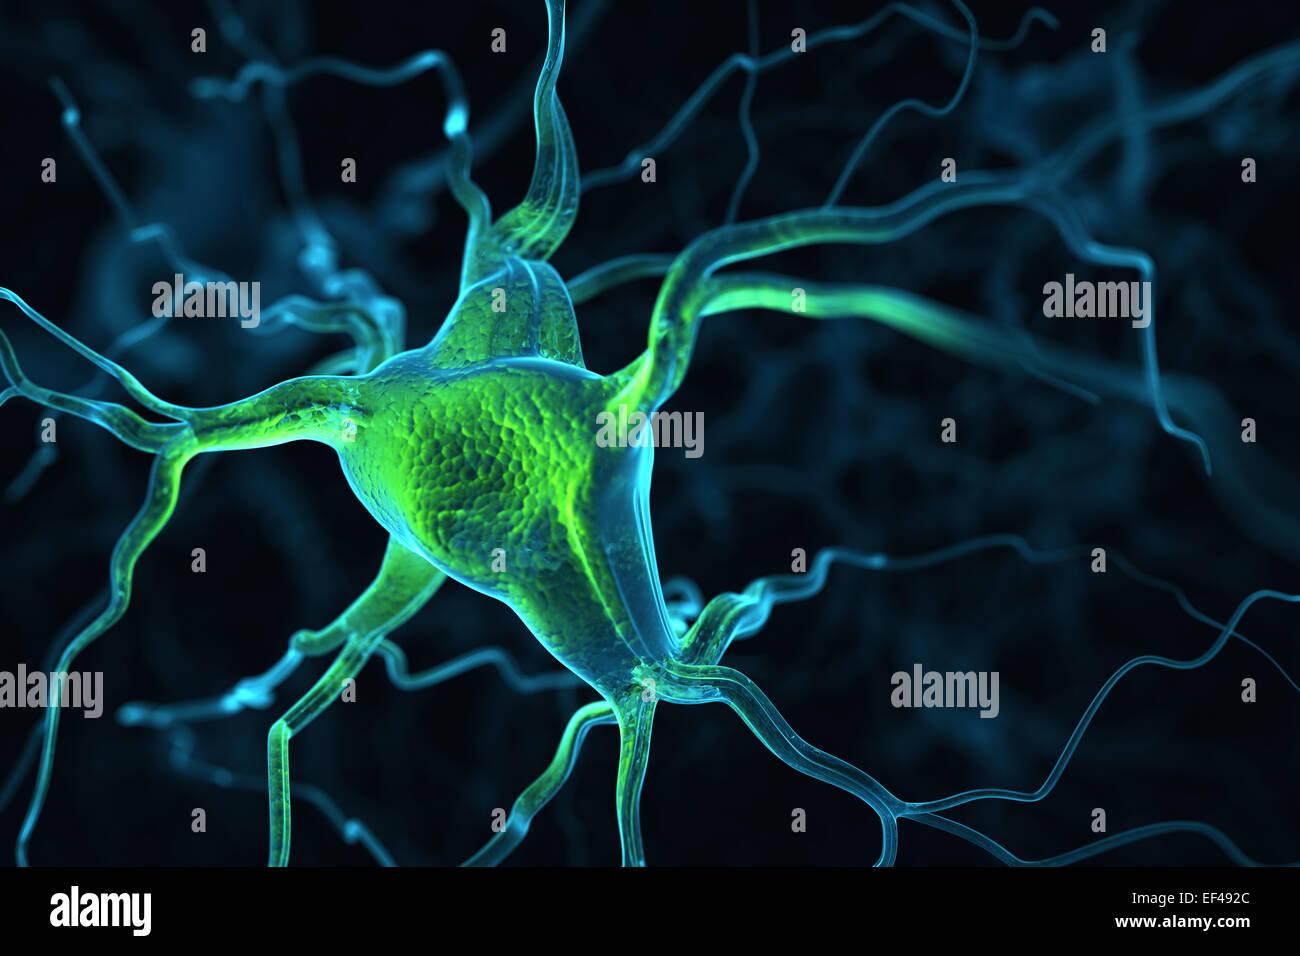 Resumen Antecedentes Las neuronas Imagen De Stock